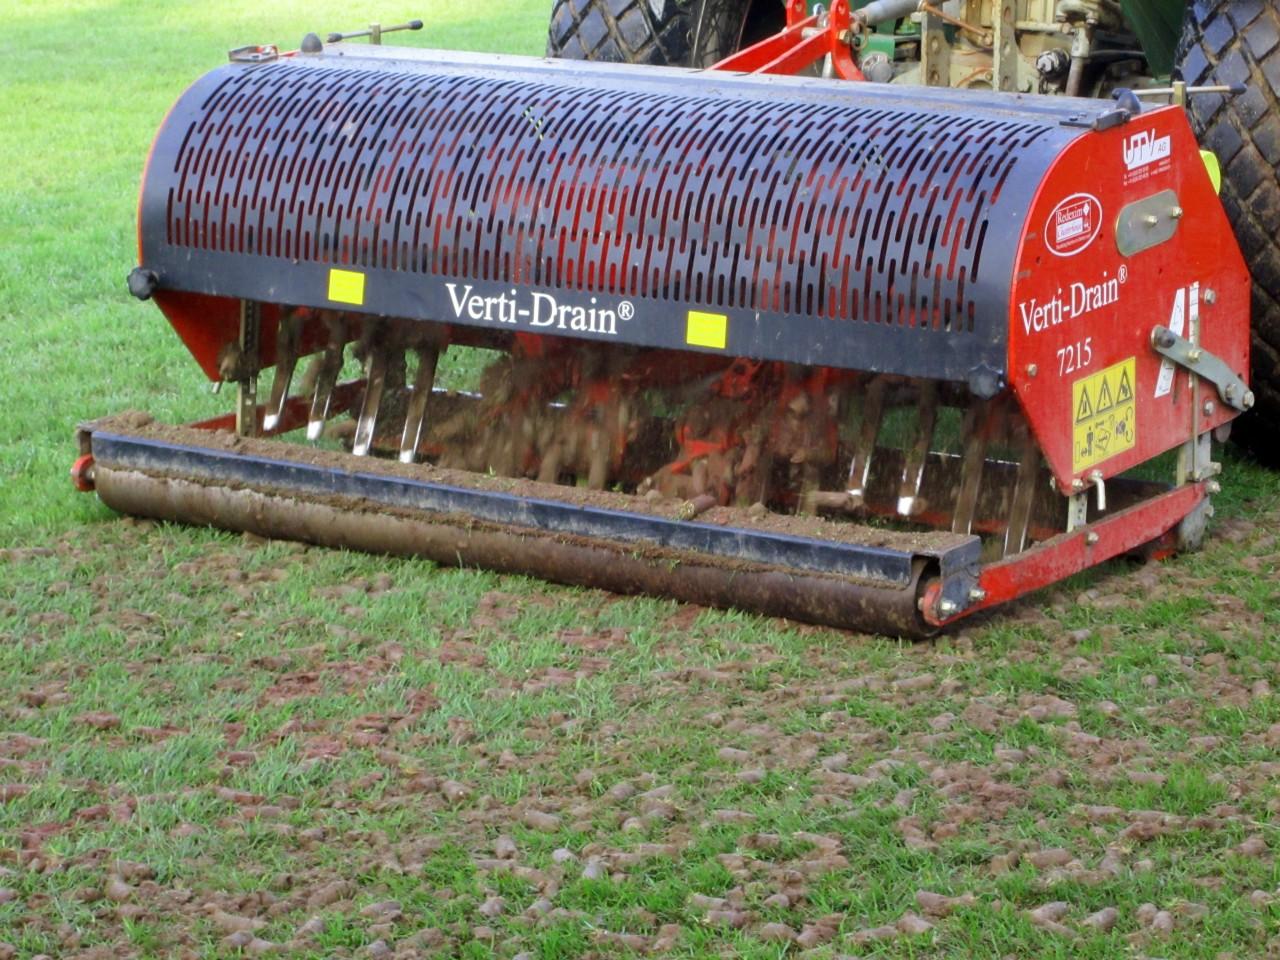 Carrottage pour drainage et aération du sol